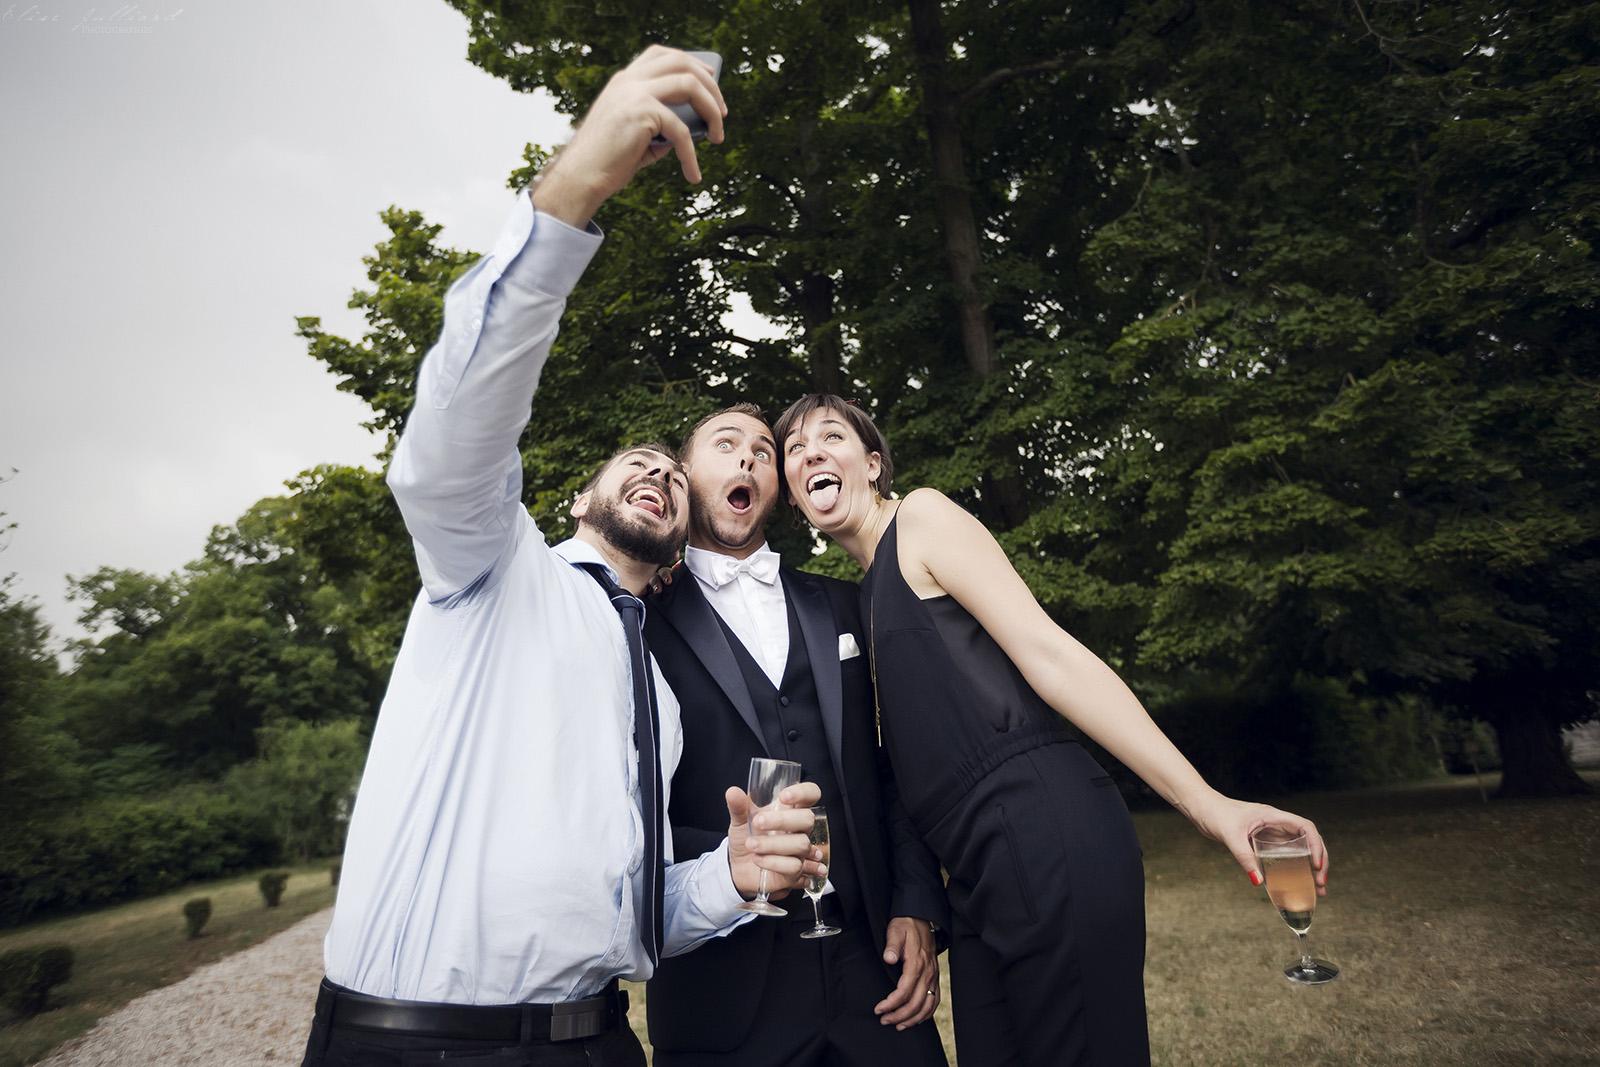 mariage-wedding-seance-photo-couple-amoureux-portrait-famille-reportage-elise-julliard-photographe-lyon-roanne-auvergne-rhone-alpes-chateau-de-matel-3